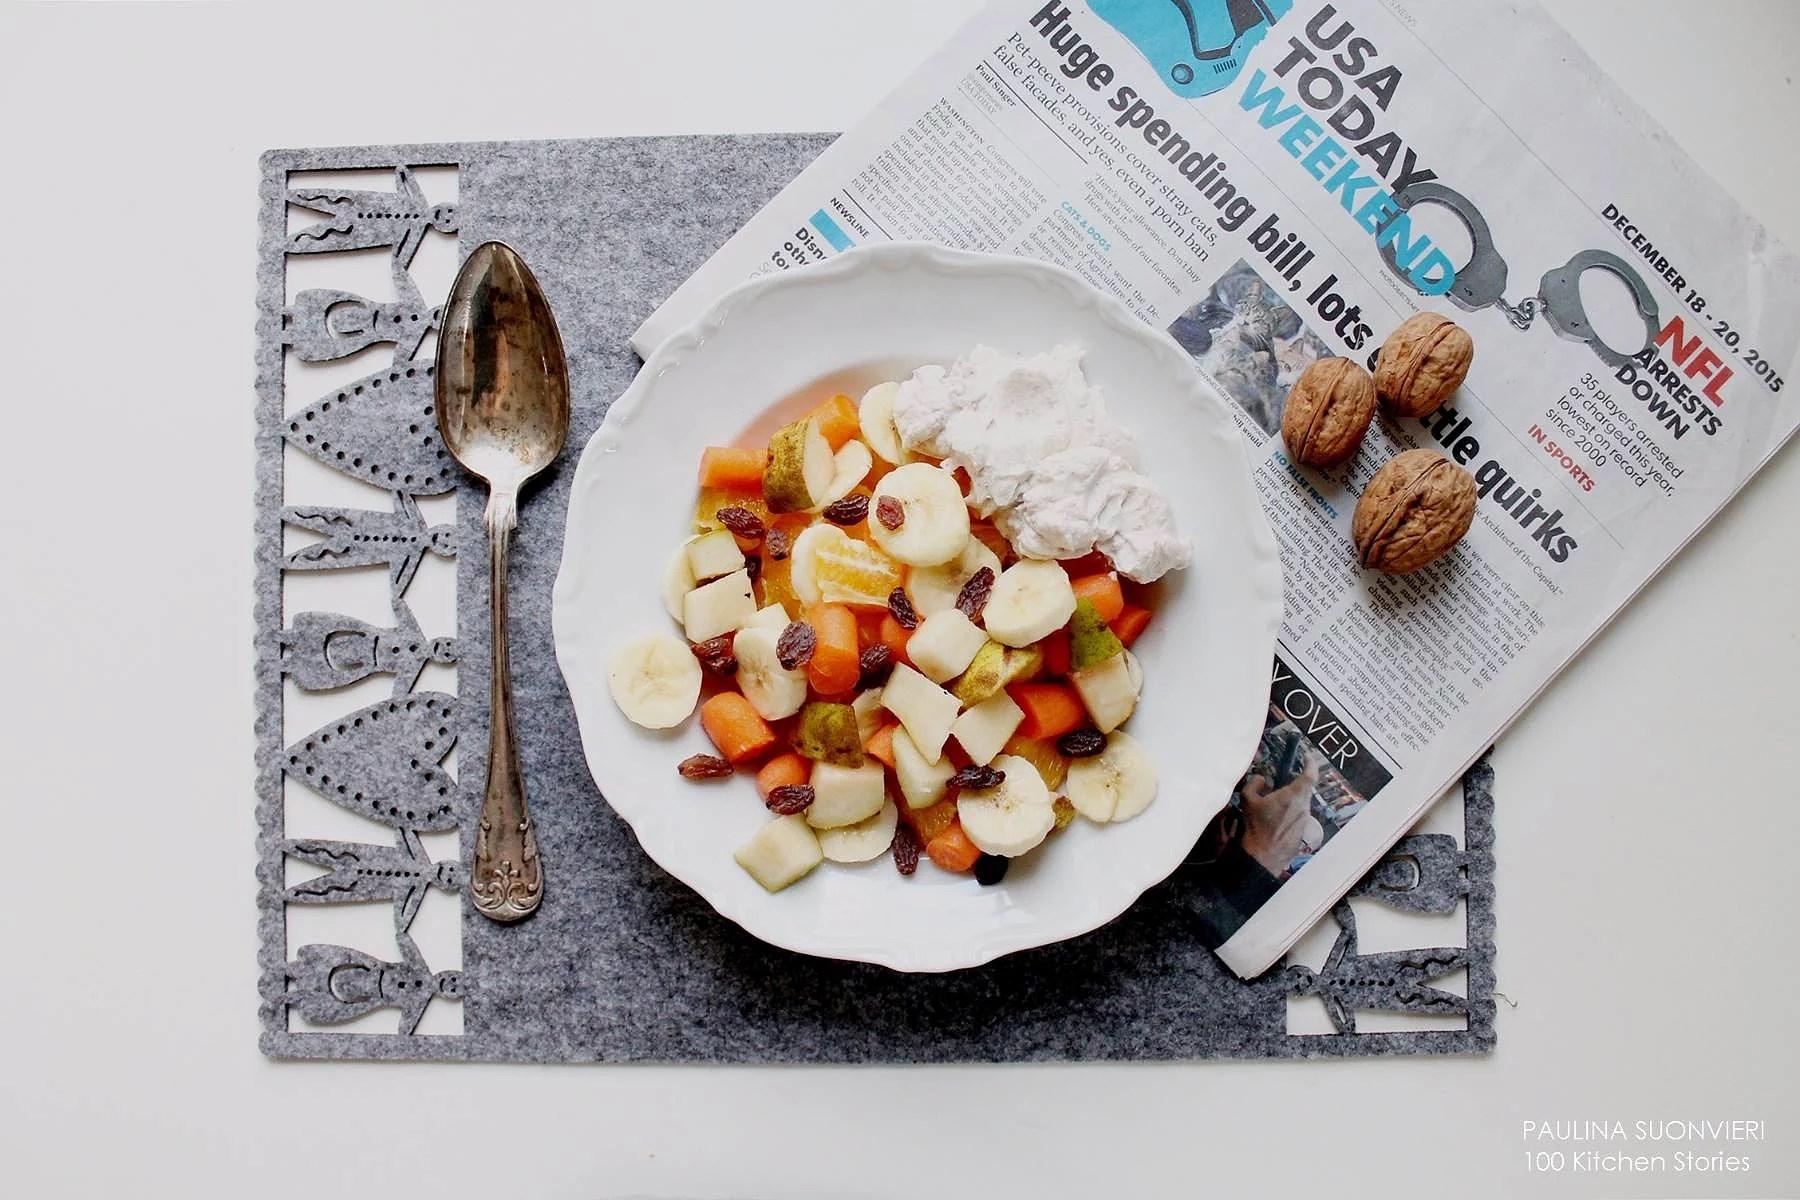 Frukostsallad med frukt, morötter och julkvarg